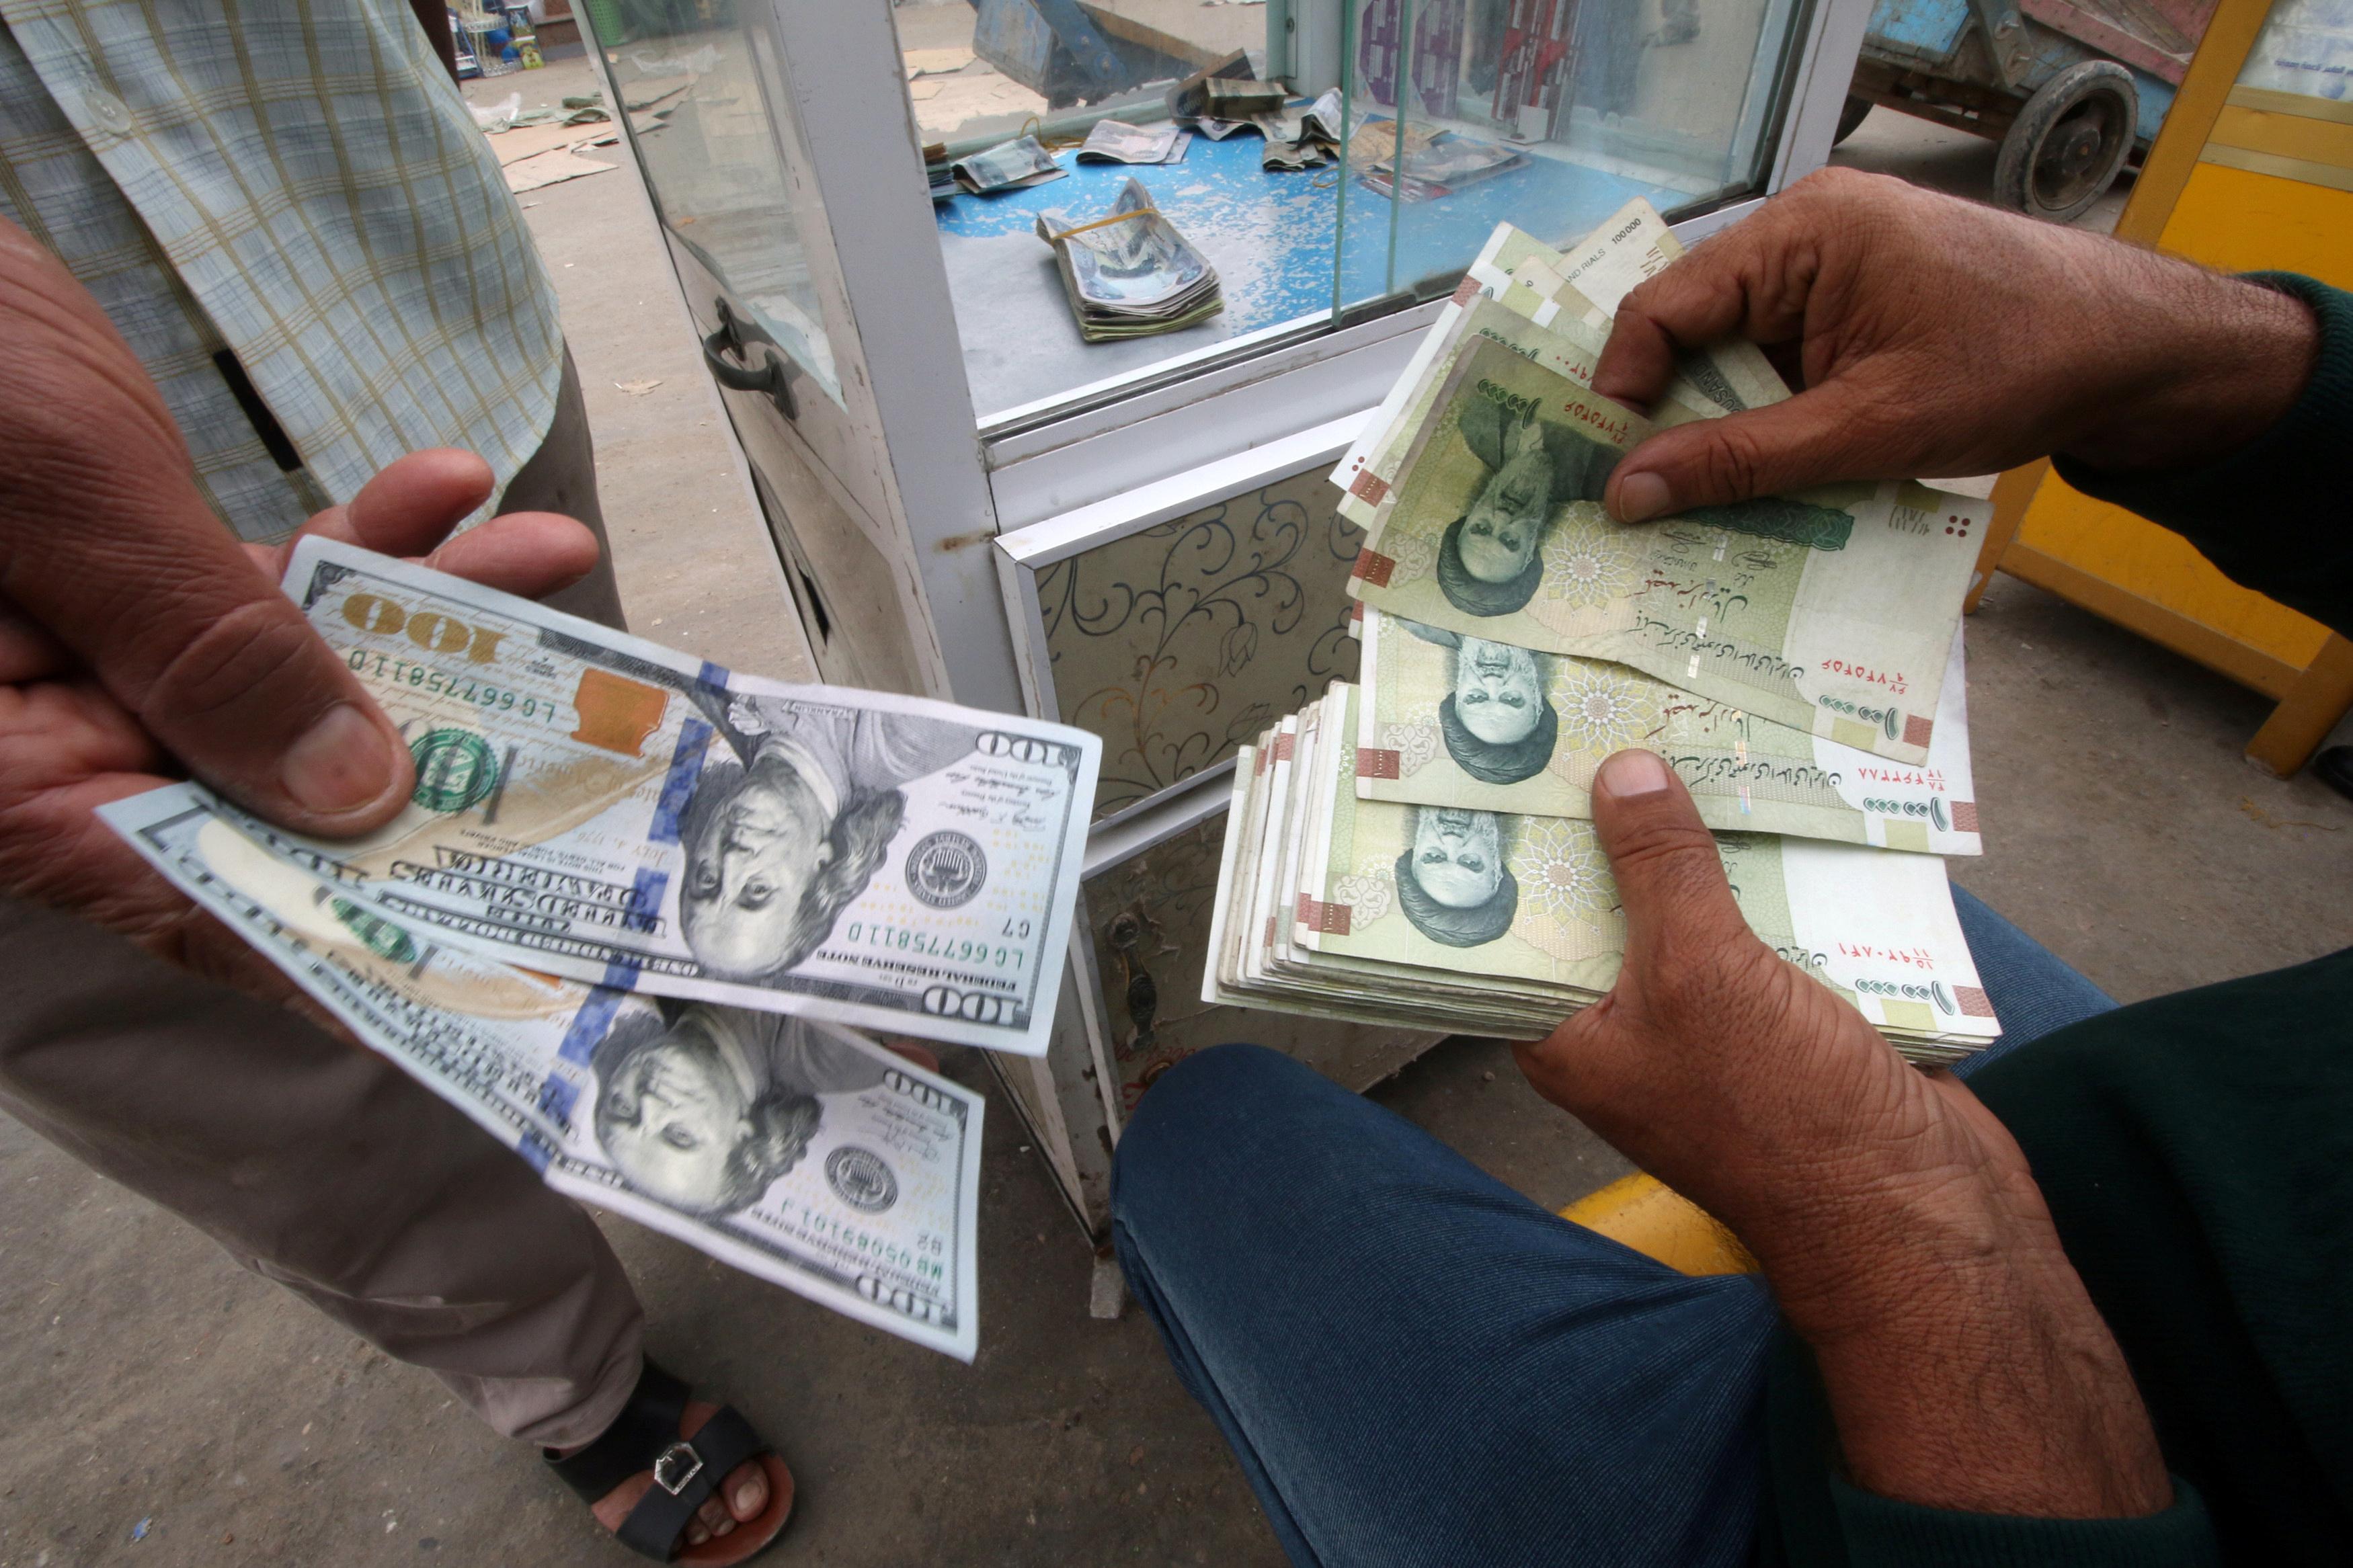 تتسرب كميات كبيرة من الاموال العراقية إلى إيران وتركيا